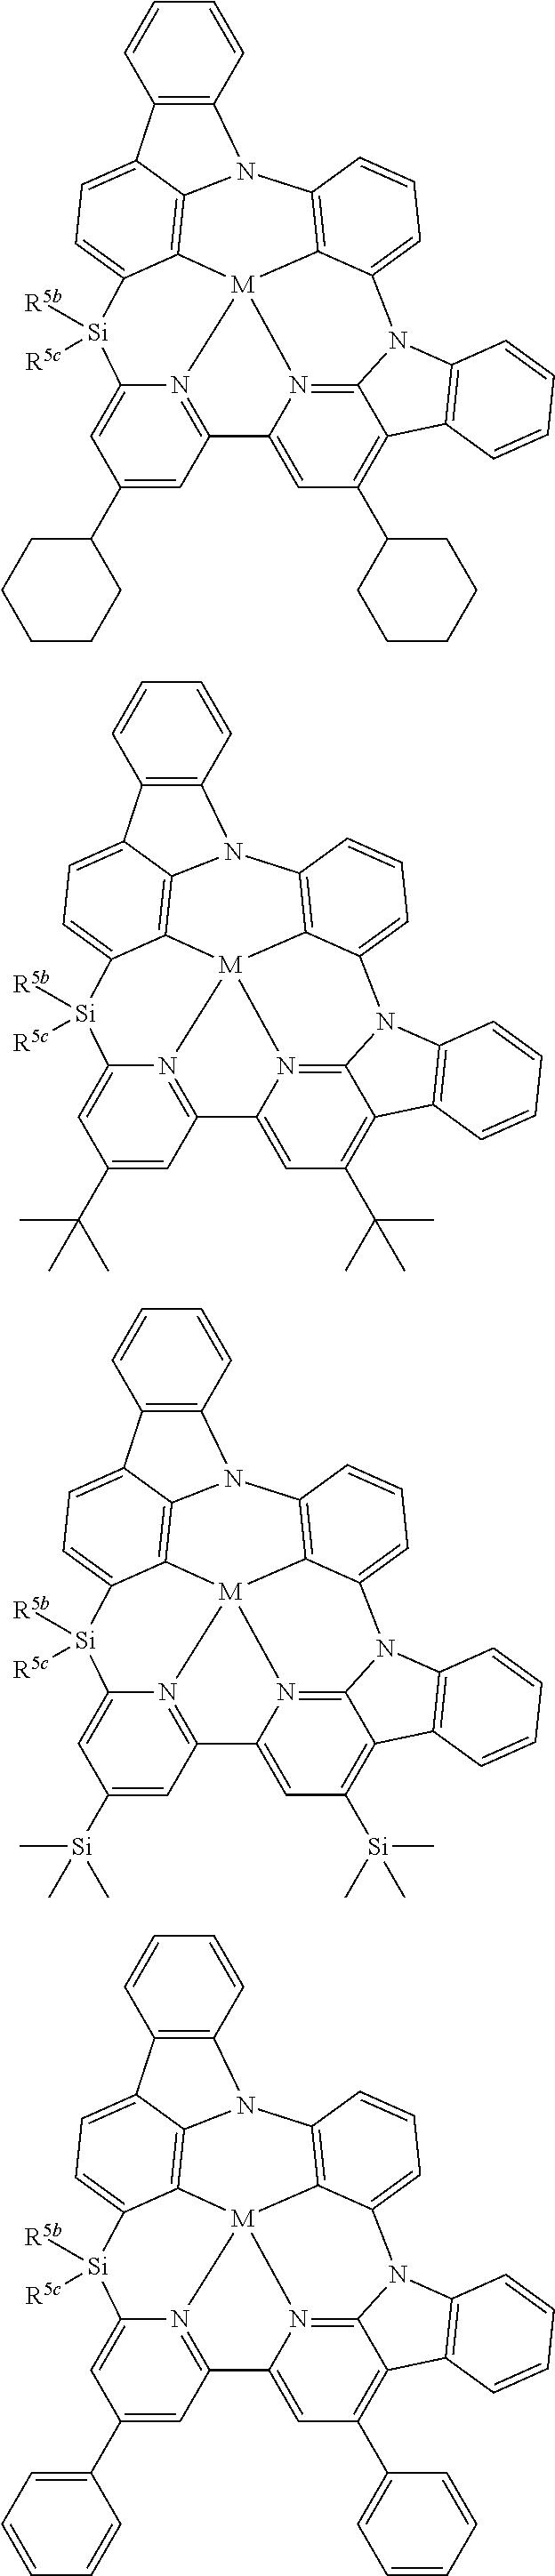 Figure US10158091-20181218-C00260